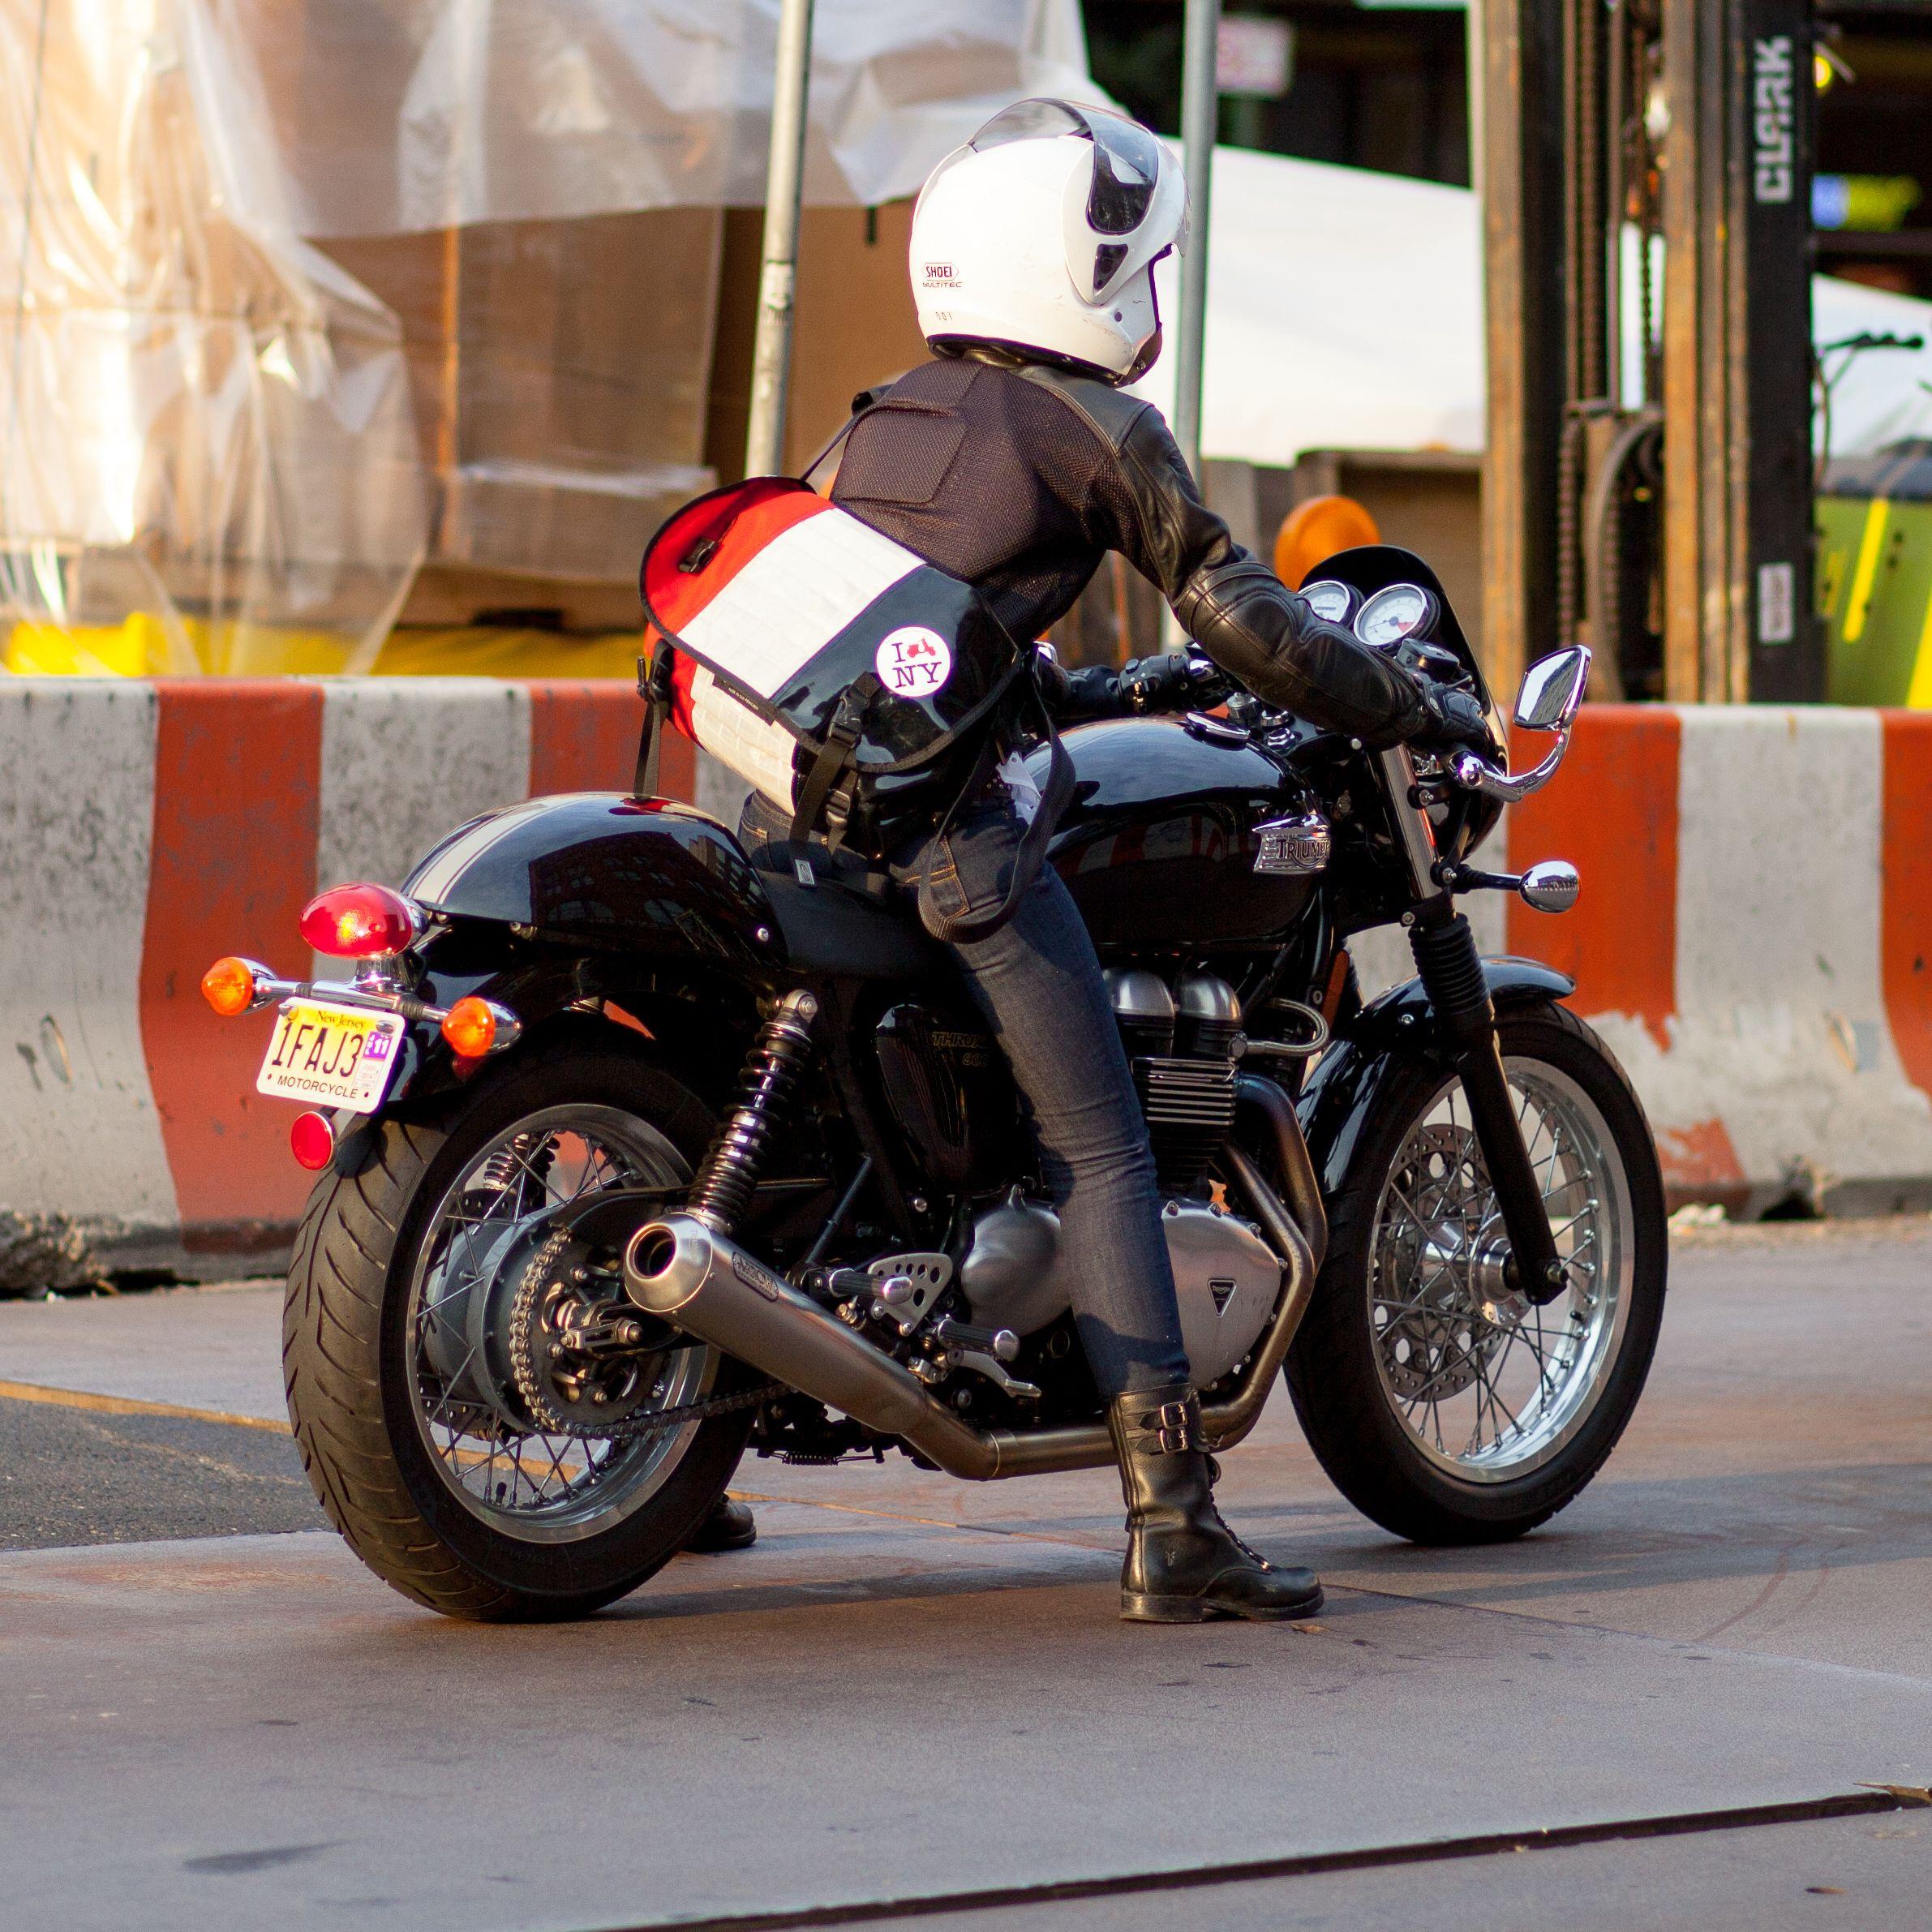 Triumph Thruxton Motorcycle Girl Motorbikes Motorcycle